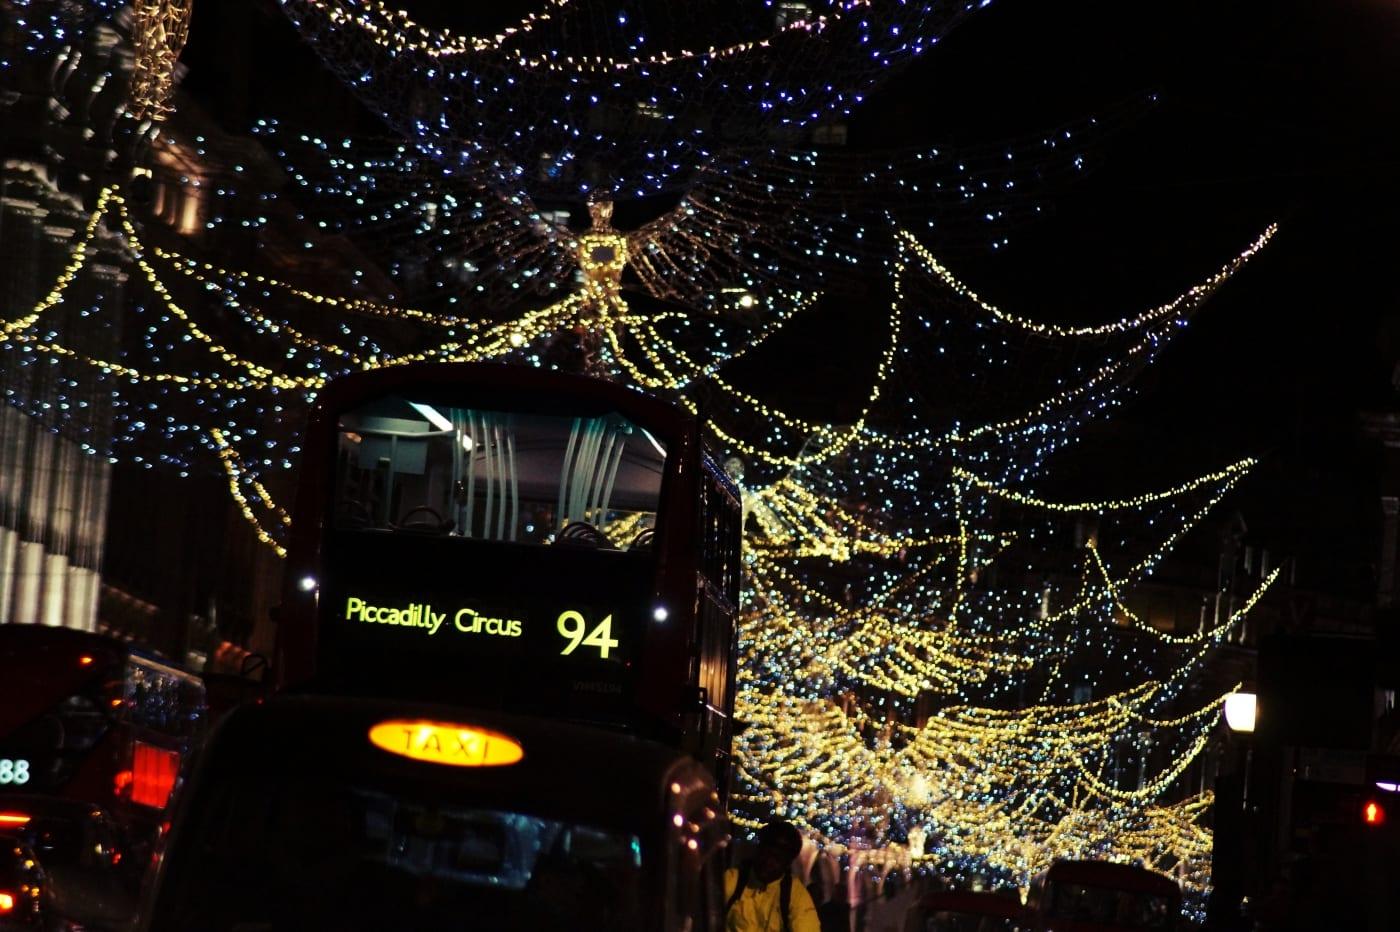 weihnachtslichter-london-9-regent-street